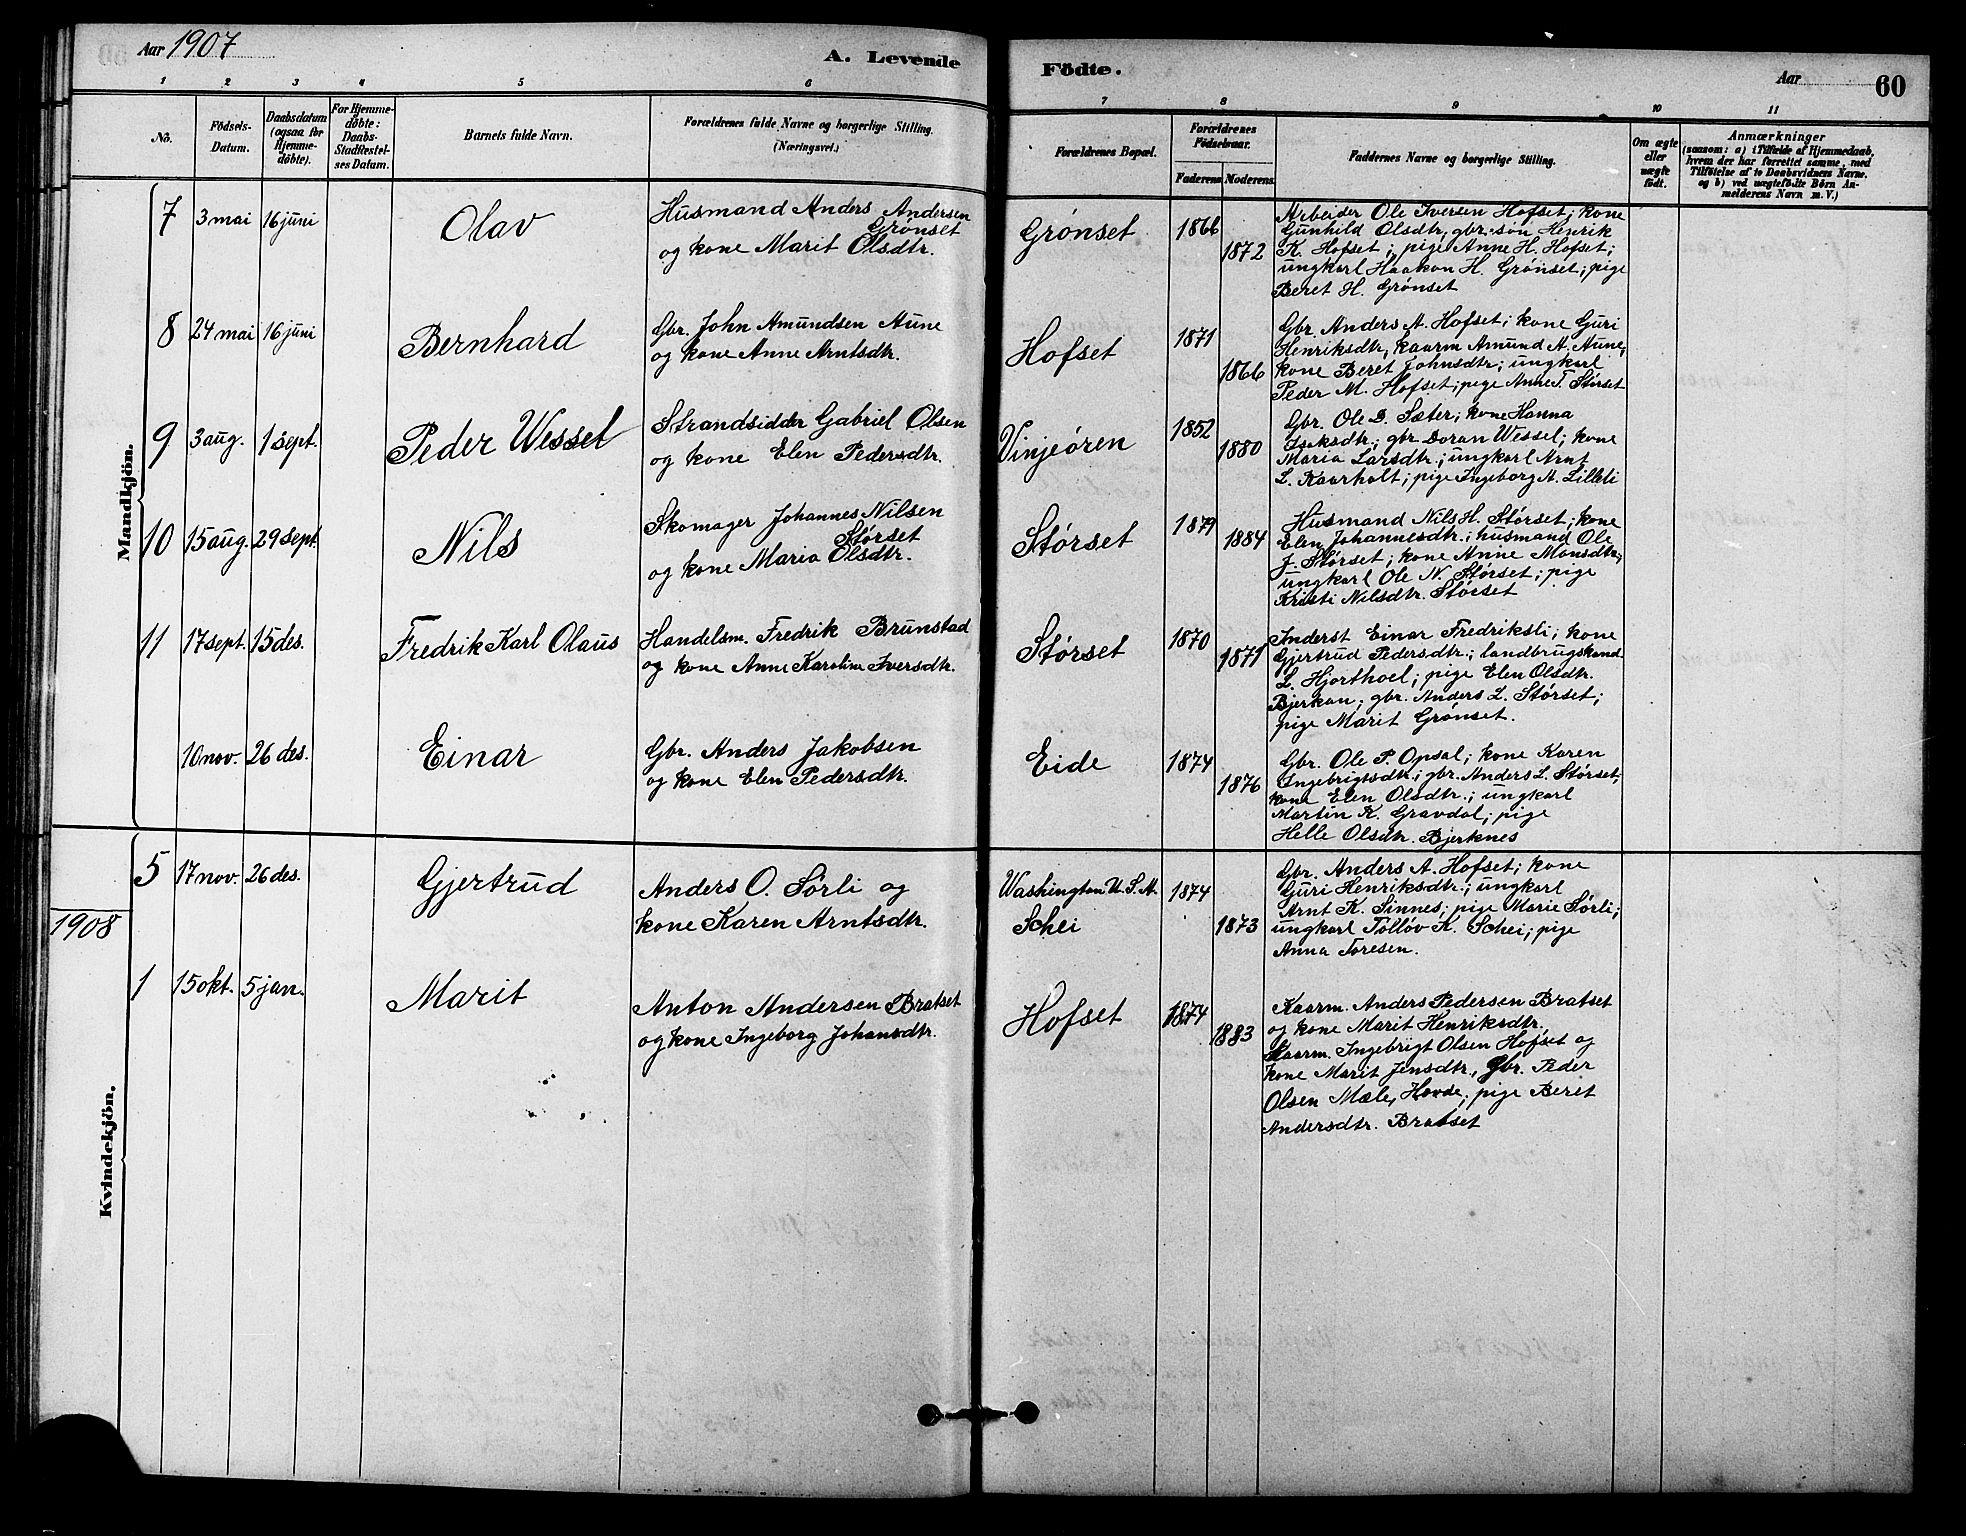 SAT, Ministerialprotokoller, klokkerbøker og fødselsregistre - Sør-Trøndelag, 631/L0514: Klokkerbok nr. 631C02, 1879-1912, s. 60